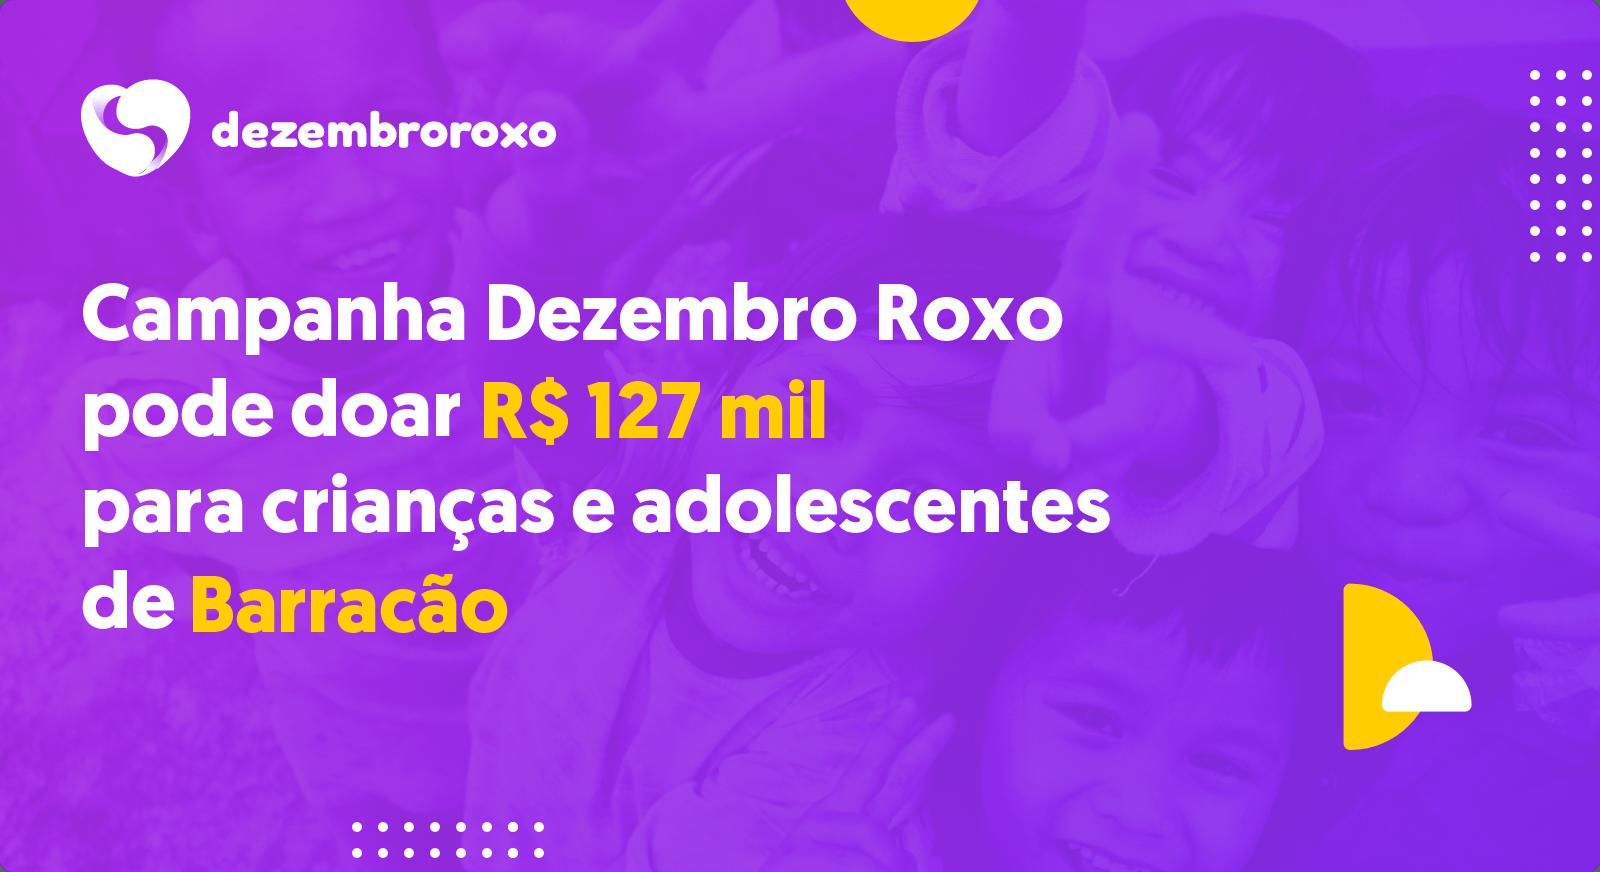 Doações em Barracão - PR